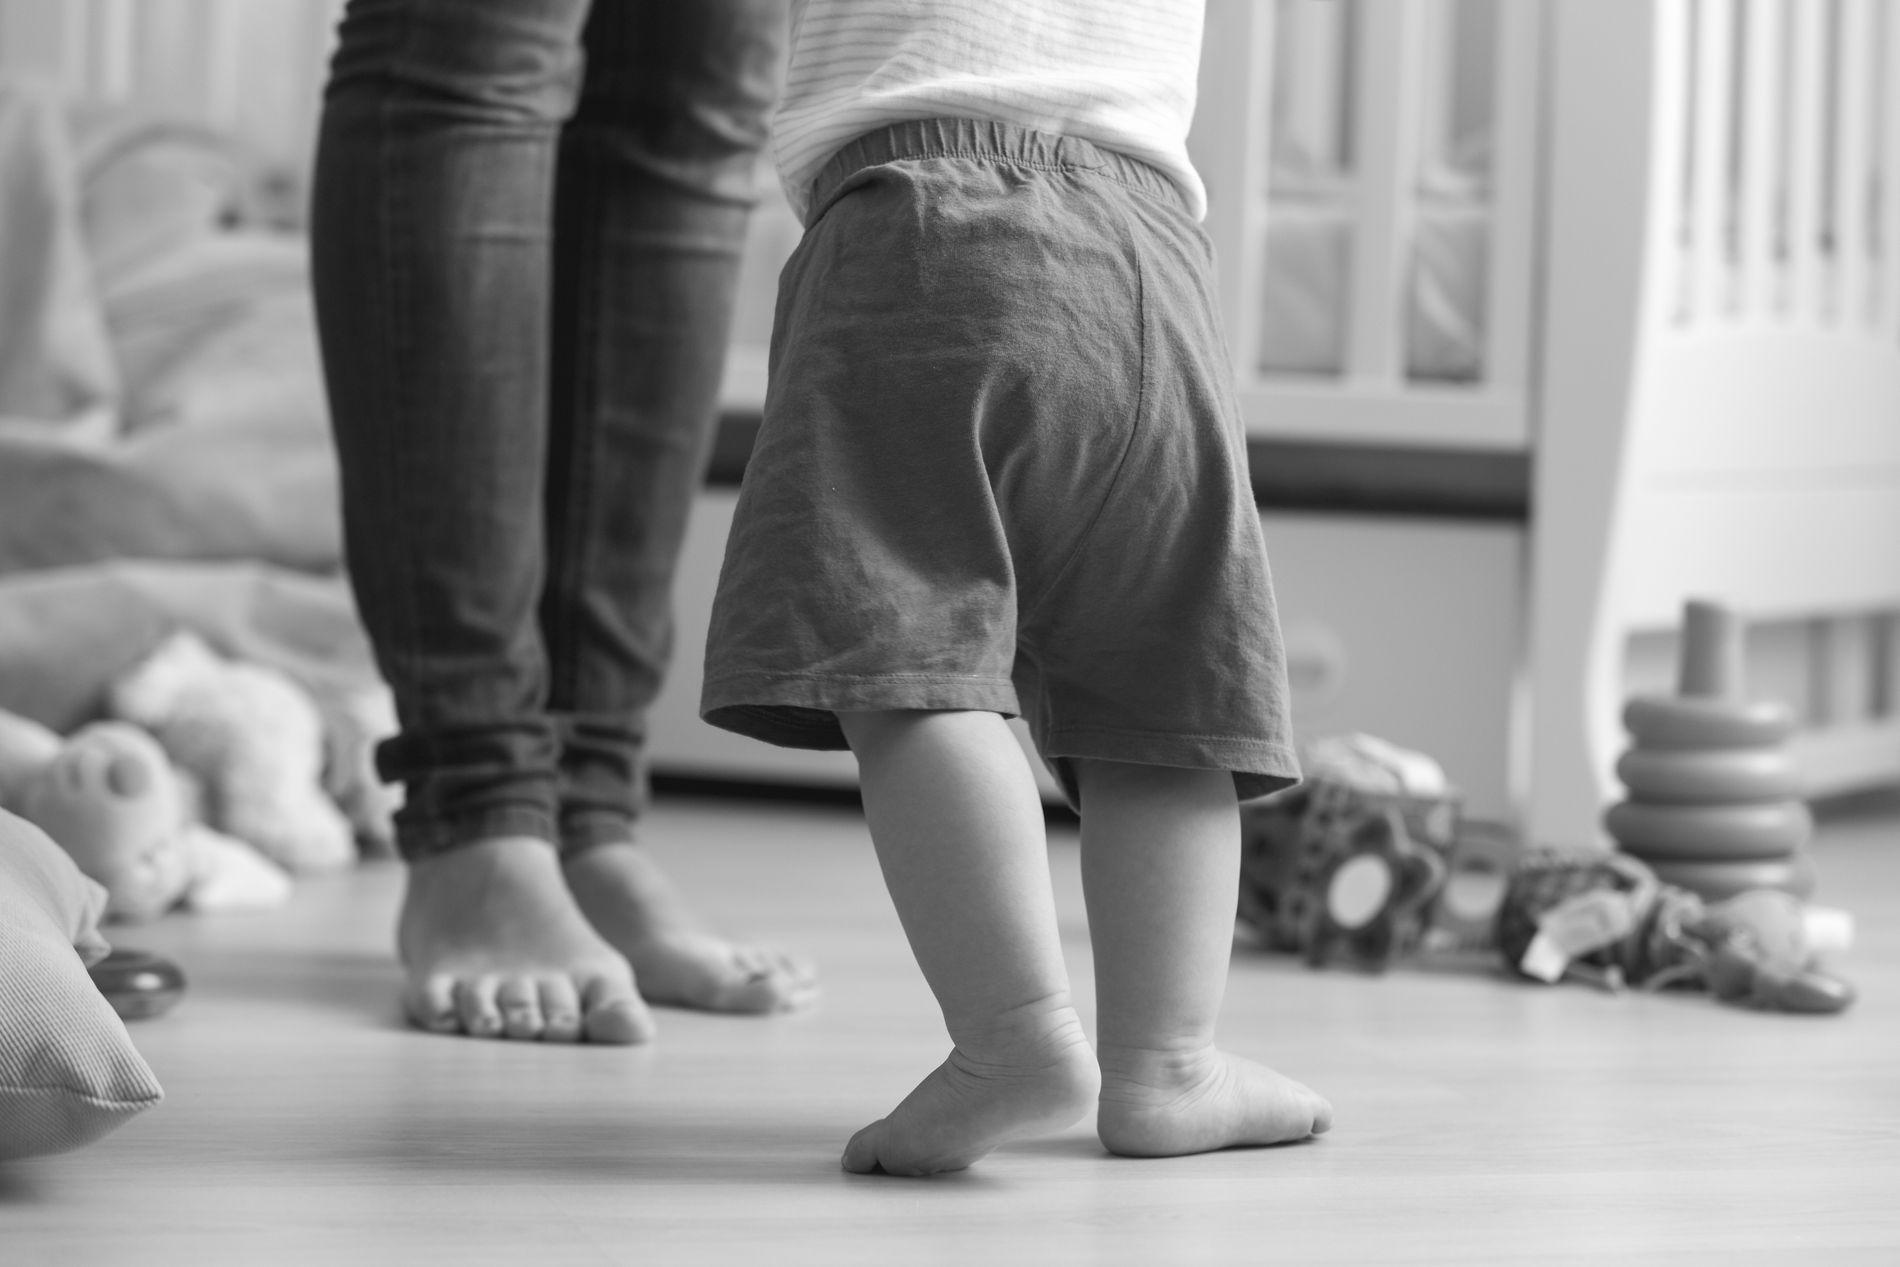 BEHOV: Barn trenger voksne som har tid, lyst og overskudd til å trøste, kose, leke, lese, tøyse og snakke med dem. Det får vi ikke god nok tid til med dagens bemanning, skriver Nina Sælen.